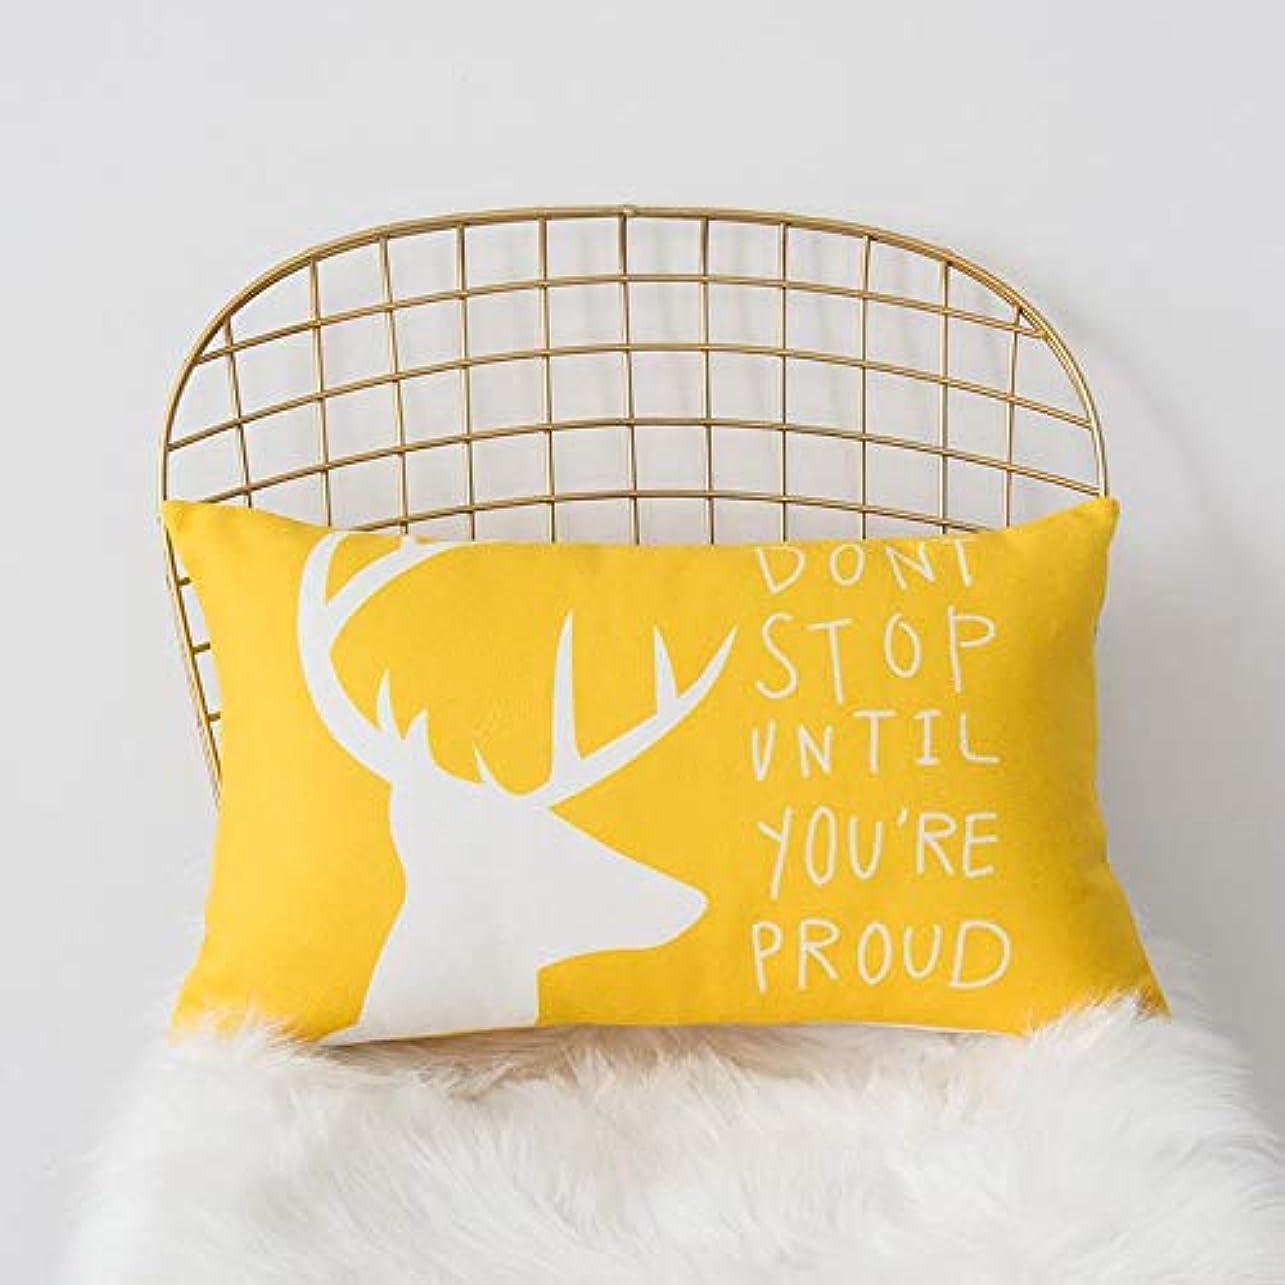 ワードローブであること猫背LIFE 黄色グレー枕北欧スタイル黄色ヘラジカ幾何枕リビングルームのインテリアソファクッション Cojines 装飾良質 クッション 椅子